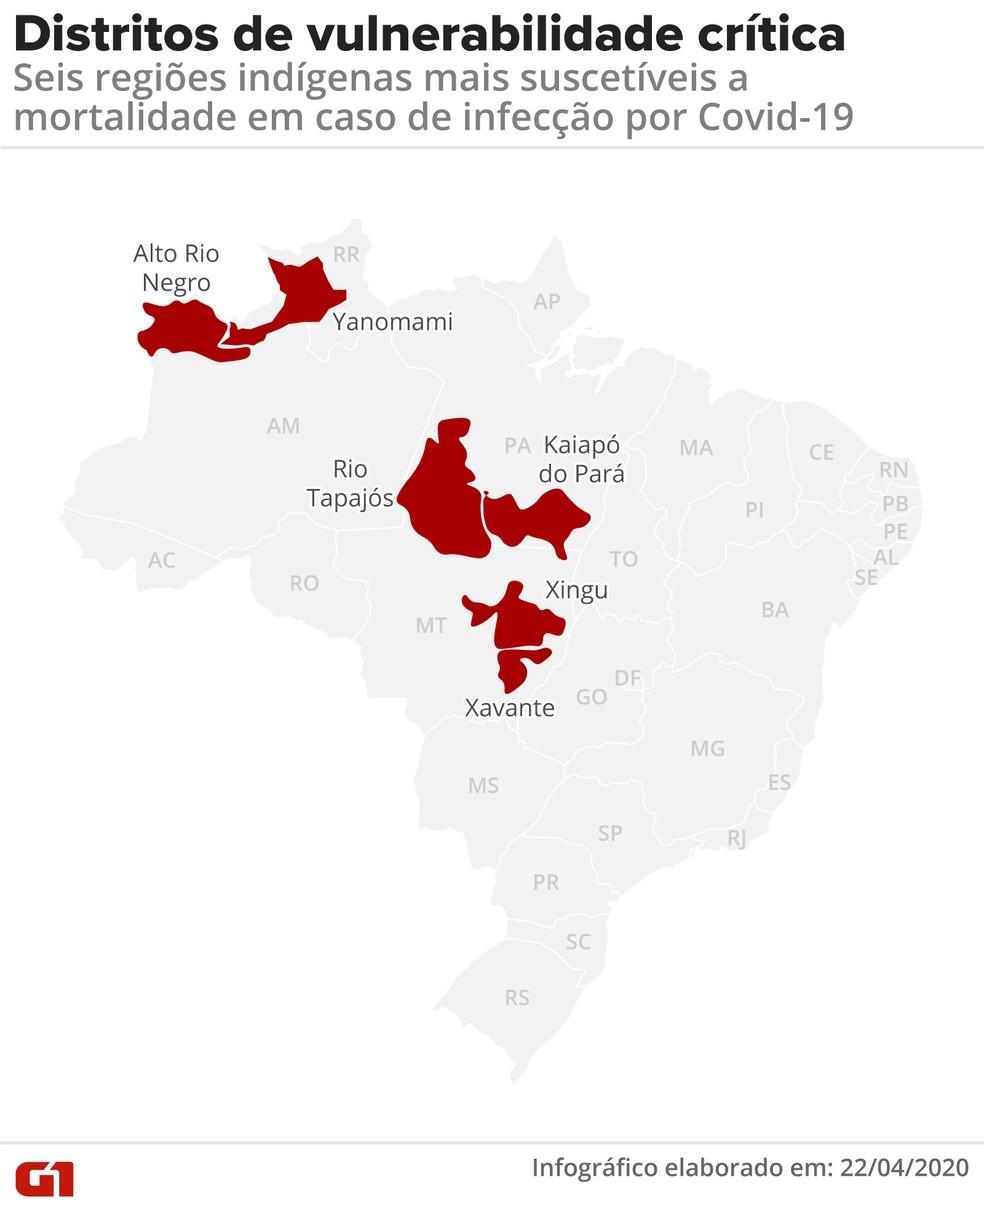 Mapa mostra distritos onde há maior risco para populações indígenas se houve um surto de Covid-19 — Foto:  G1